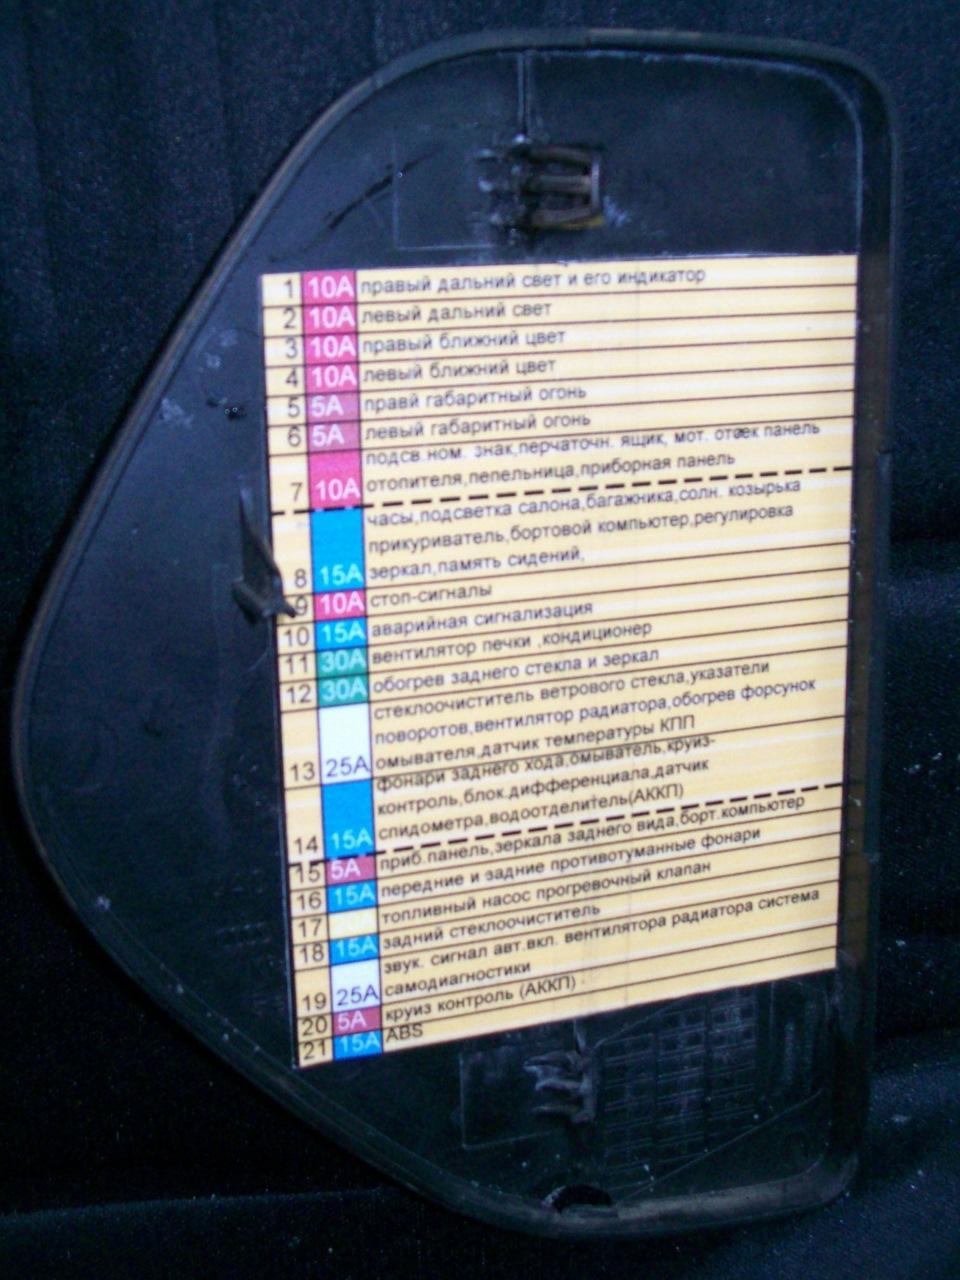 Как сделать диагностику Audi 100 2.3 AAR-94г?Нужен совет срочно 83